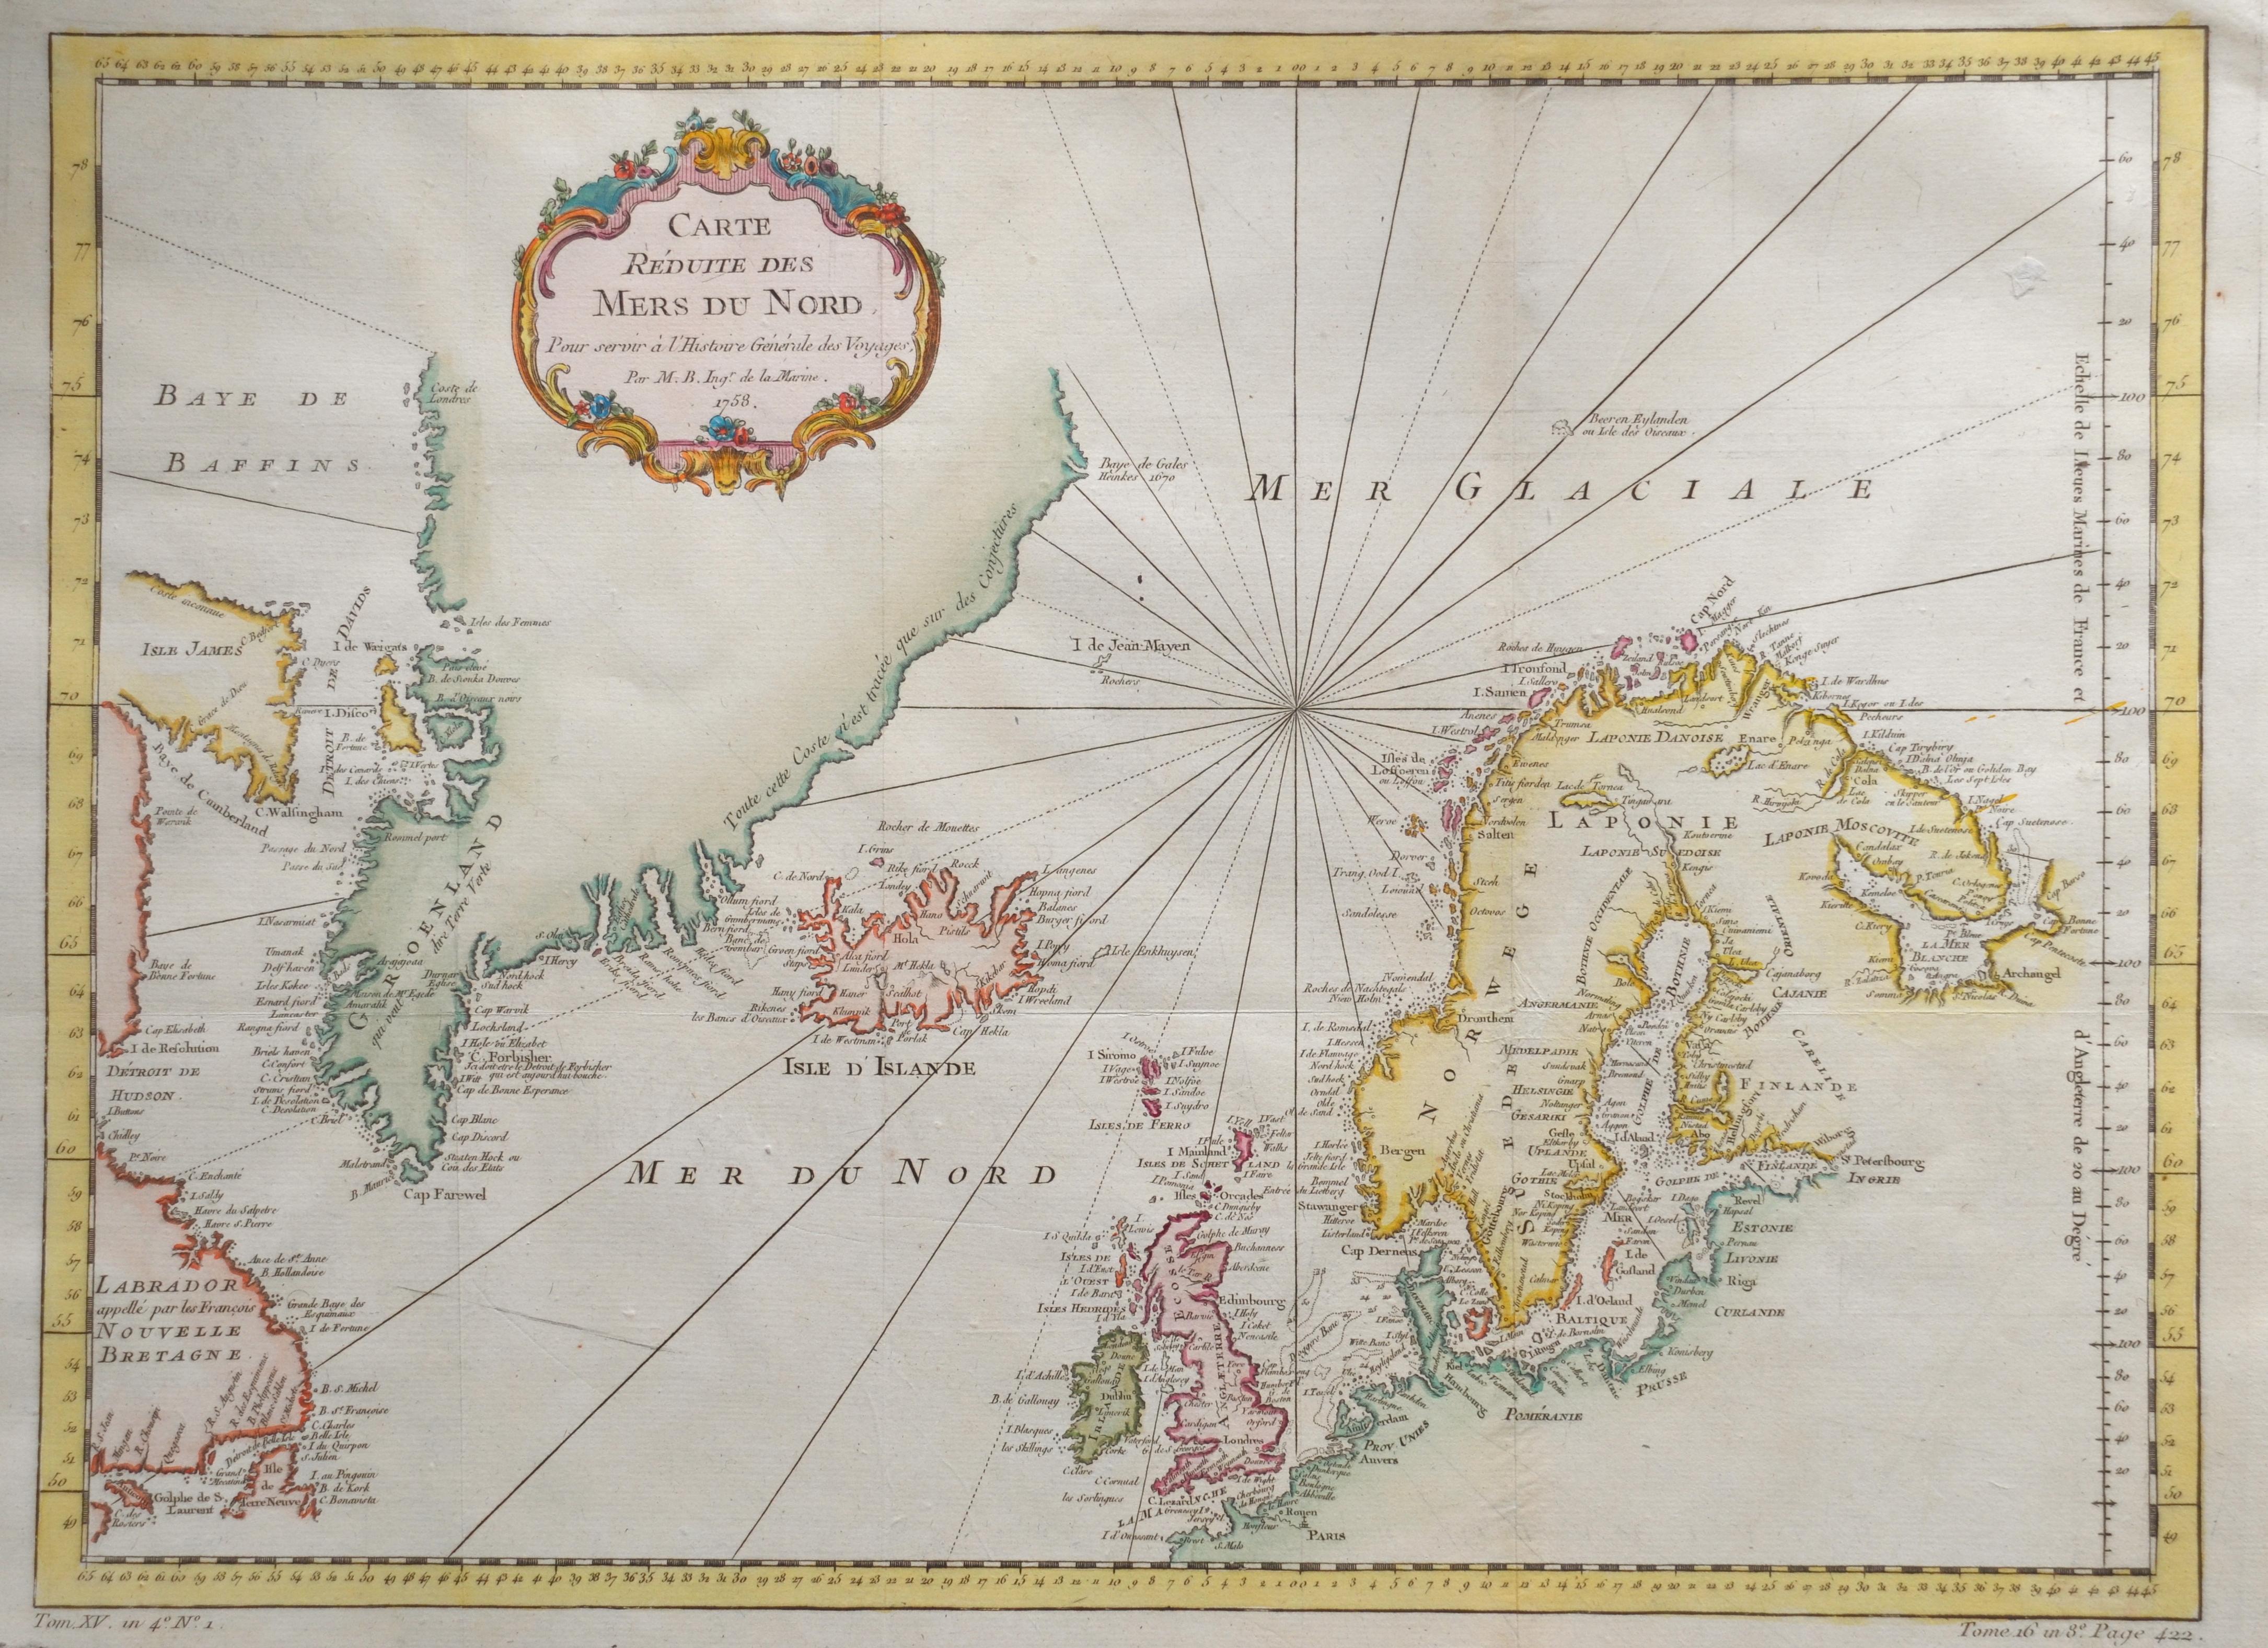 Bellin Jacques Nicolas Carte reduite des mers du nord